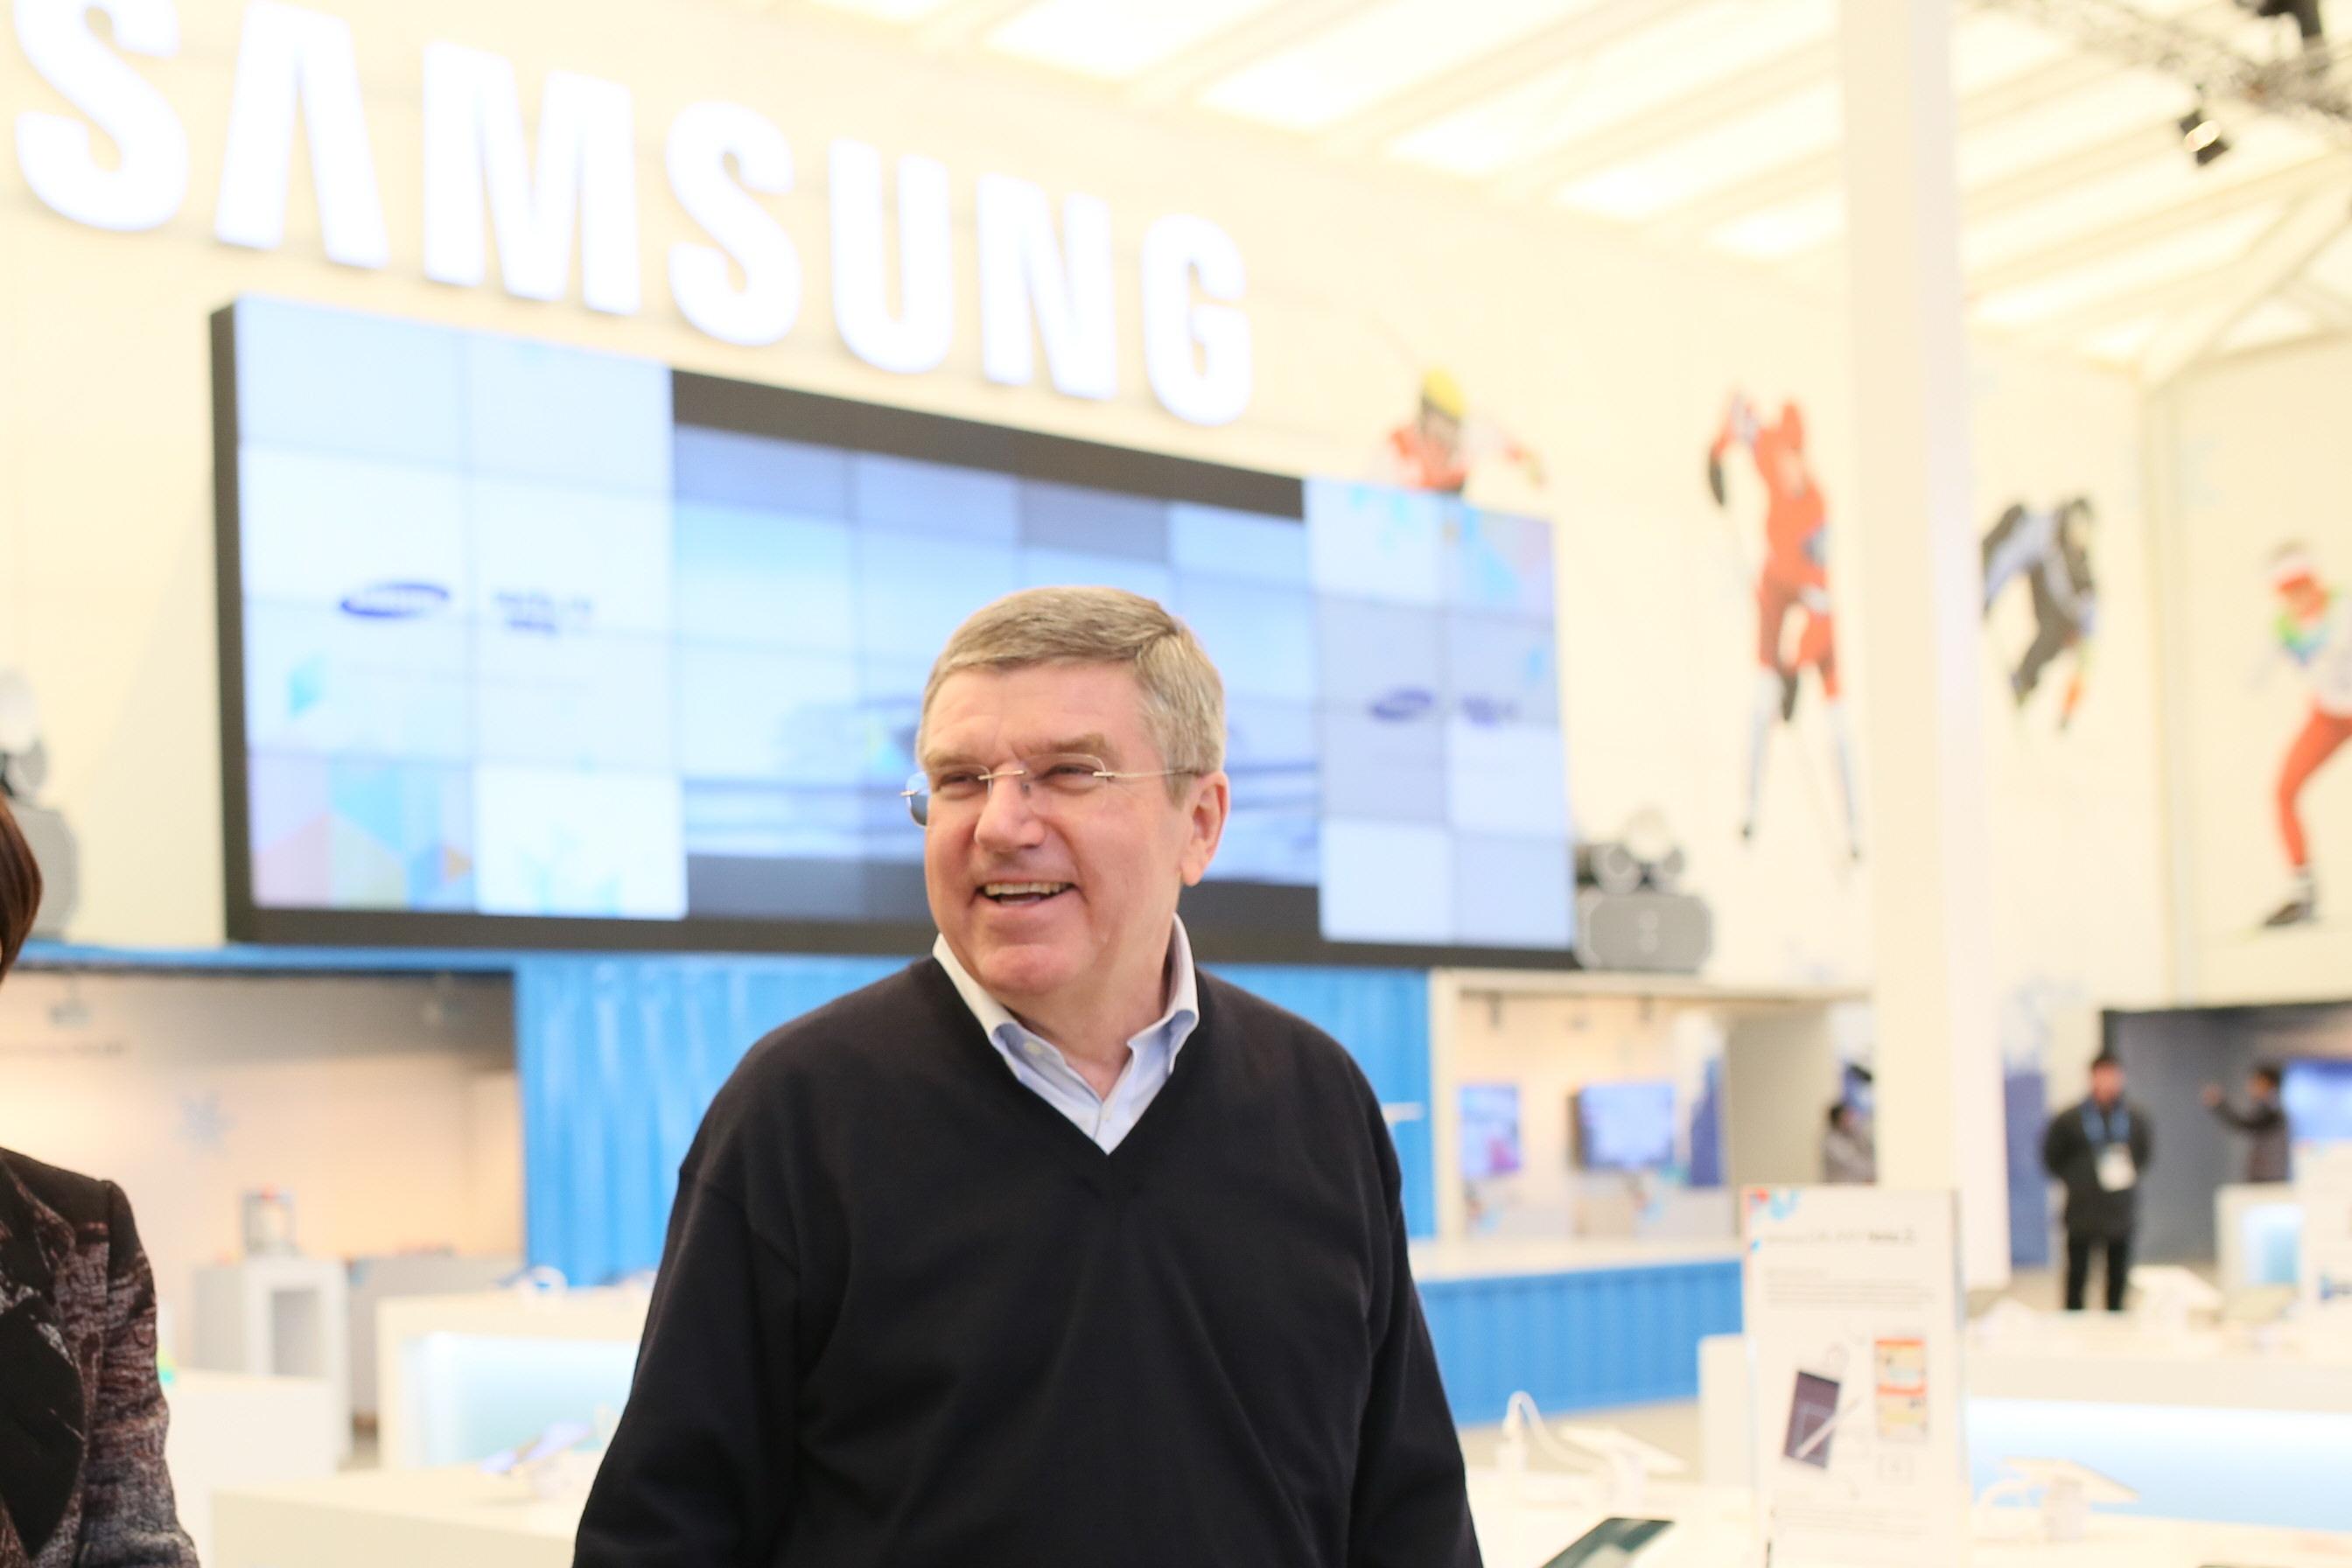 '갤럭시 올림픽 파크 스튜디오' 에 방문한 토마스 바흐 국제올림픽위원회 위원장이 스튜디오를 둘러보고 있다.